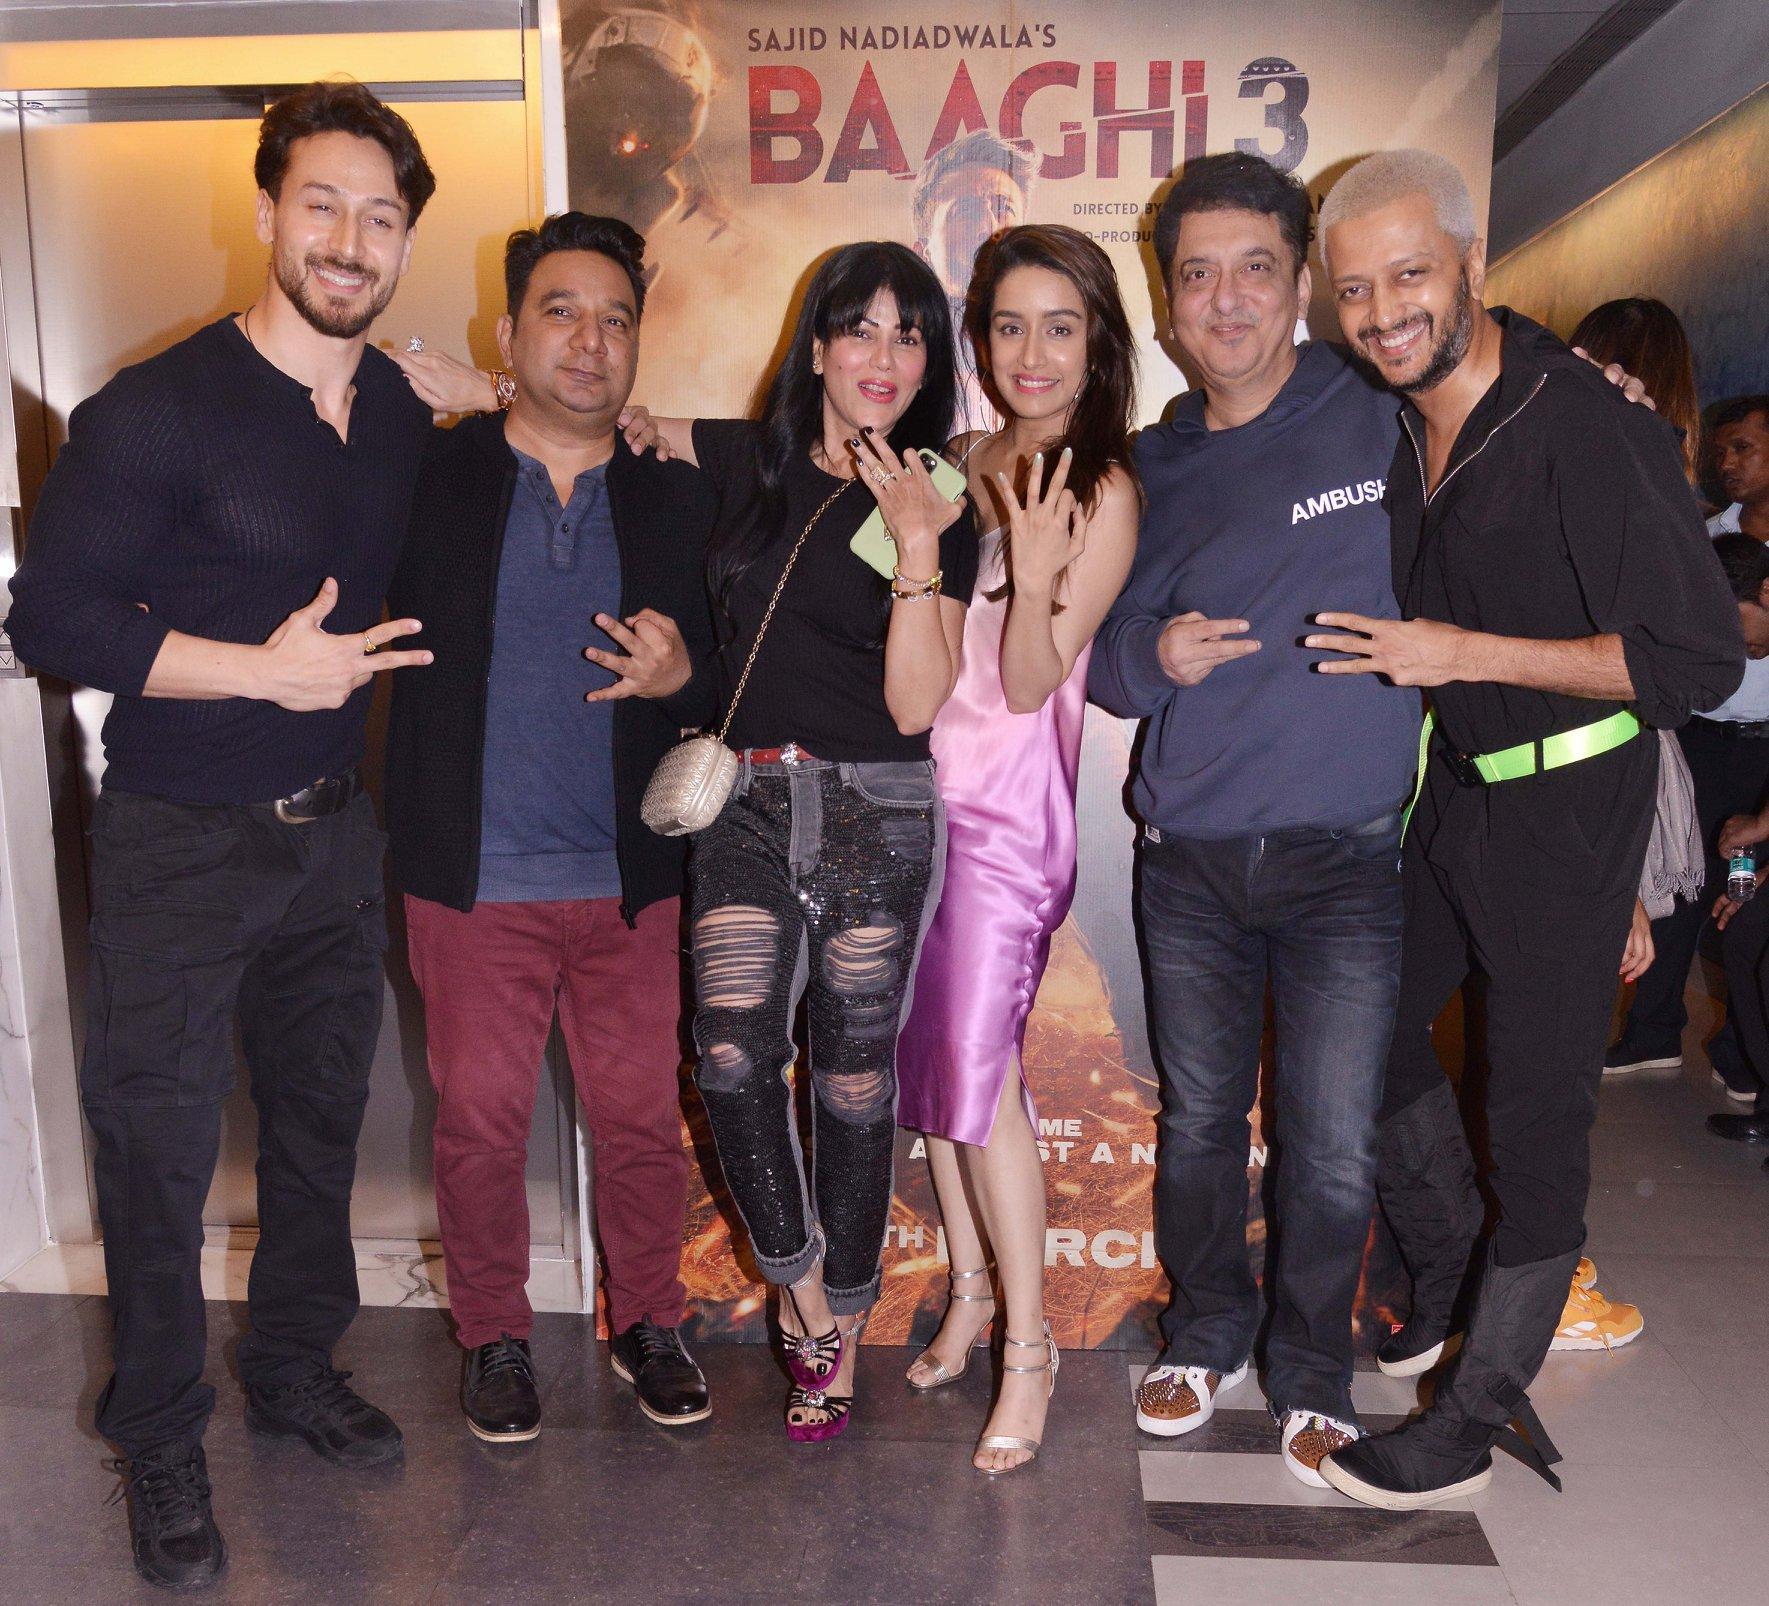 Baaghi 3 Screening - Tiger Shroff, Shradhdha Kapoor and Riteish Deshmukh with producer Sajid Nadiadwala